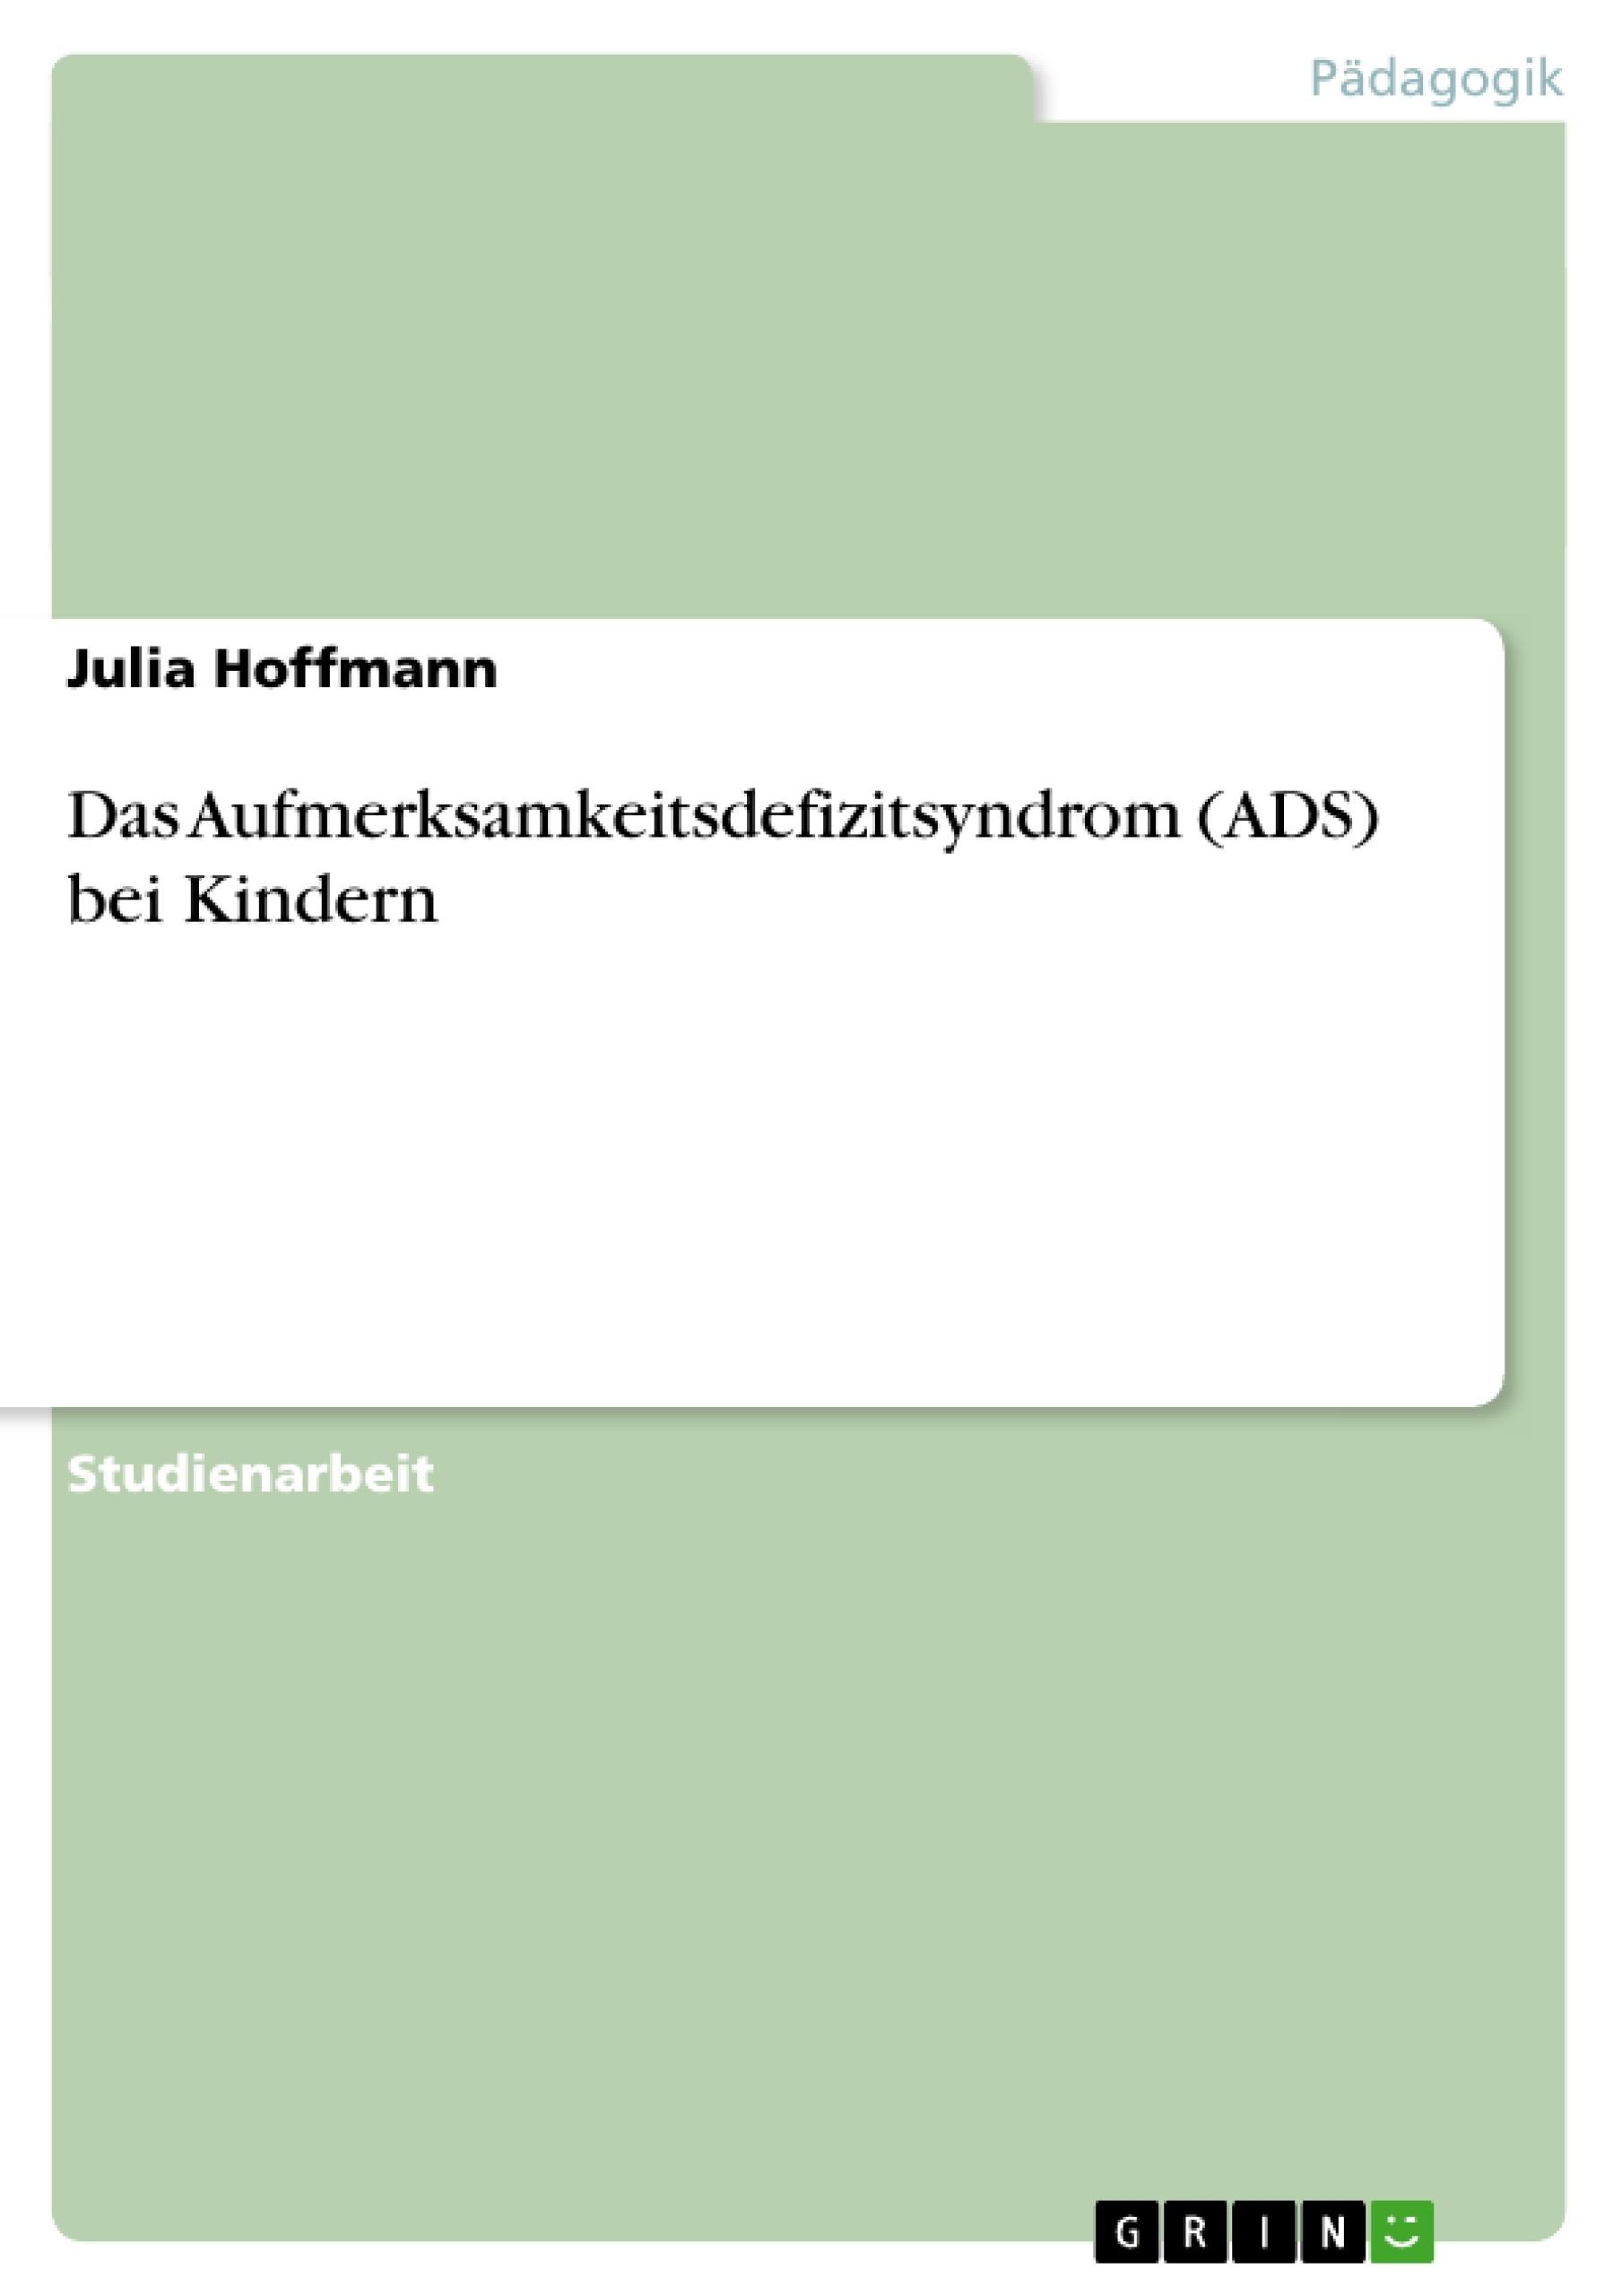 Titel: Das Aufmerksamkeitsdefizitsyndrom (ADS) bei Kindern